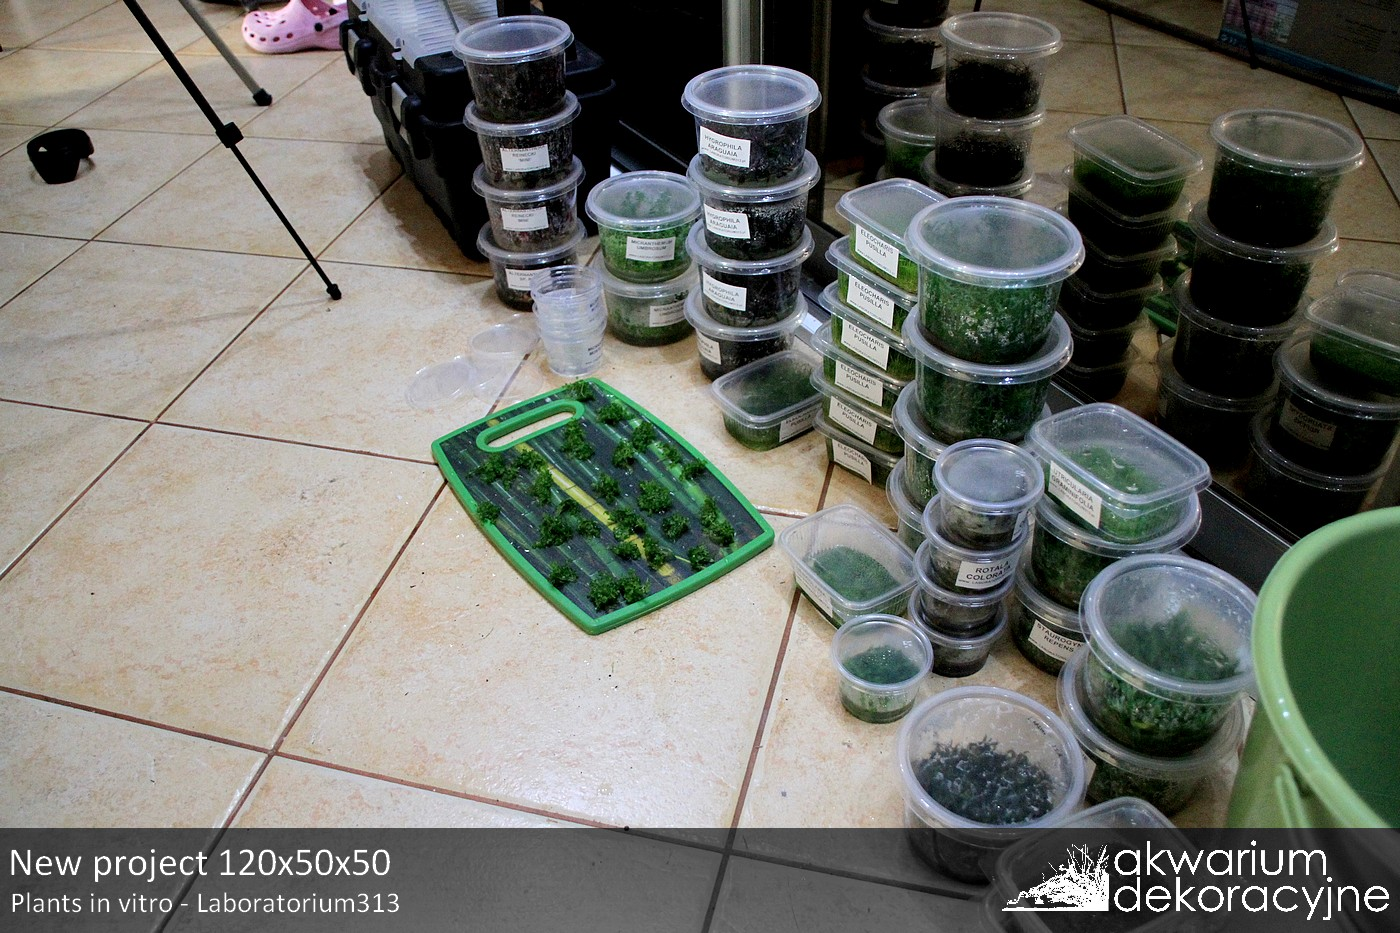 Akwarium dekoracyjne zakładanie akwarium zakładanie akwariów 1 warszawa polska akwarium naturalne nature aquarium aquascape IAPLC 2016 in vitro laboratorium 313